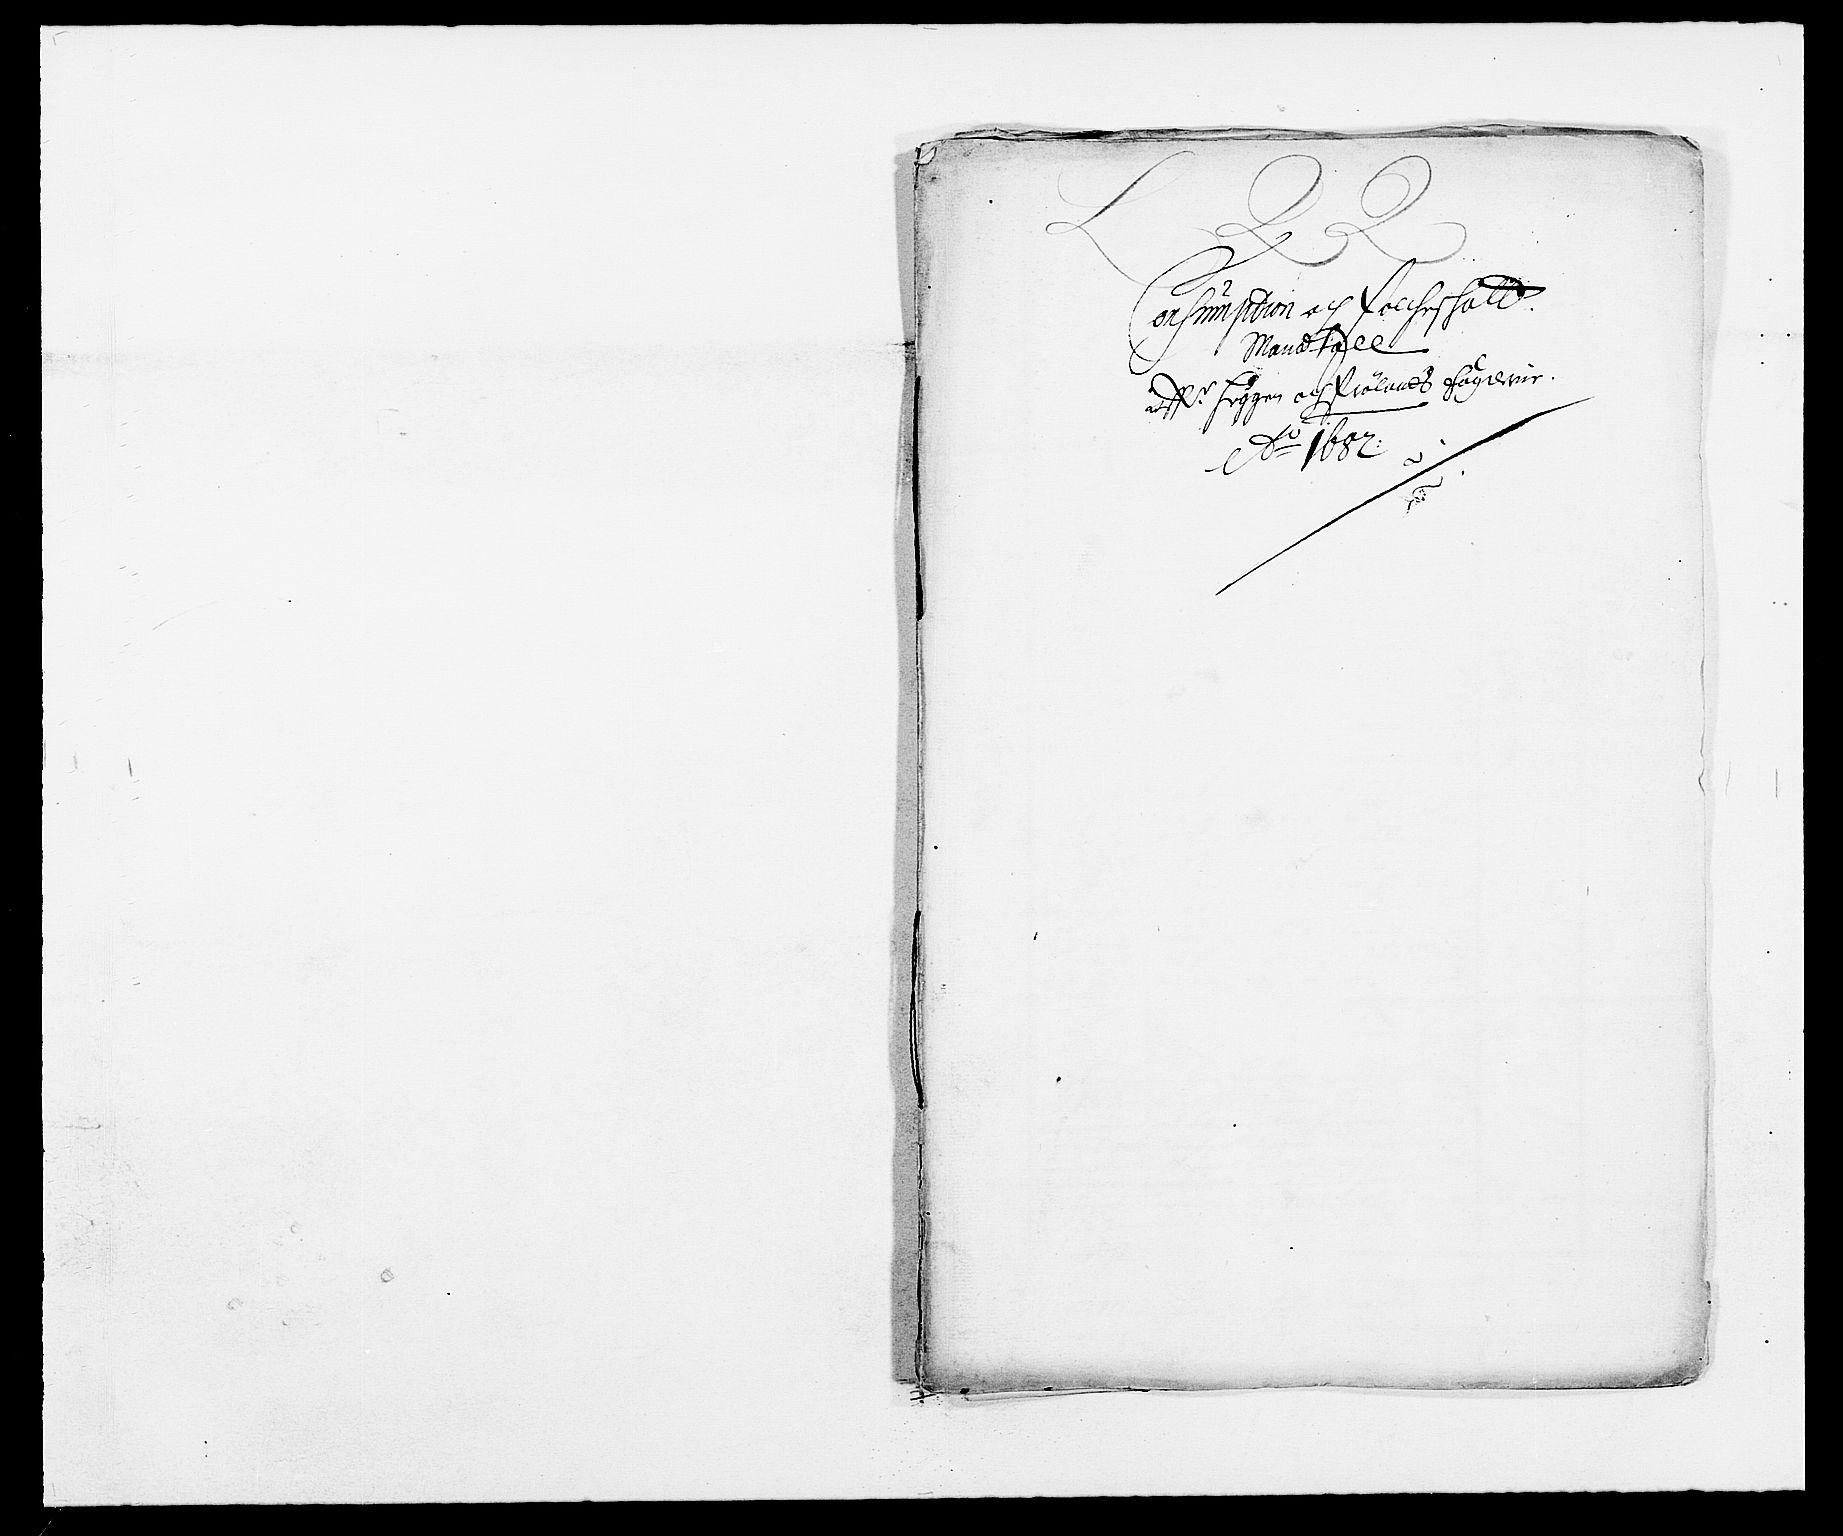 RA, Rentekammeret inntil 1814, Reviderte regnskaper, Fogderegnskap, R06/L0280: Fogderegnskap Heggen og Frøland, 1681-1684, s. 329